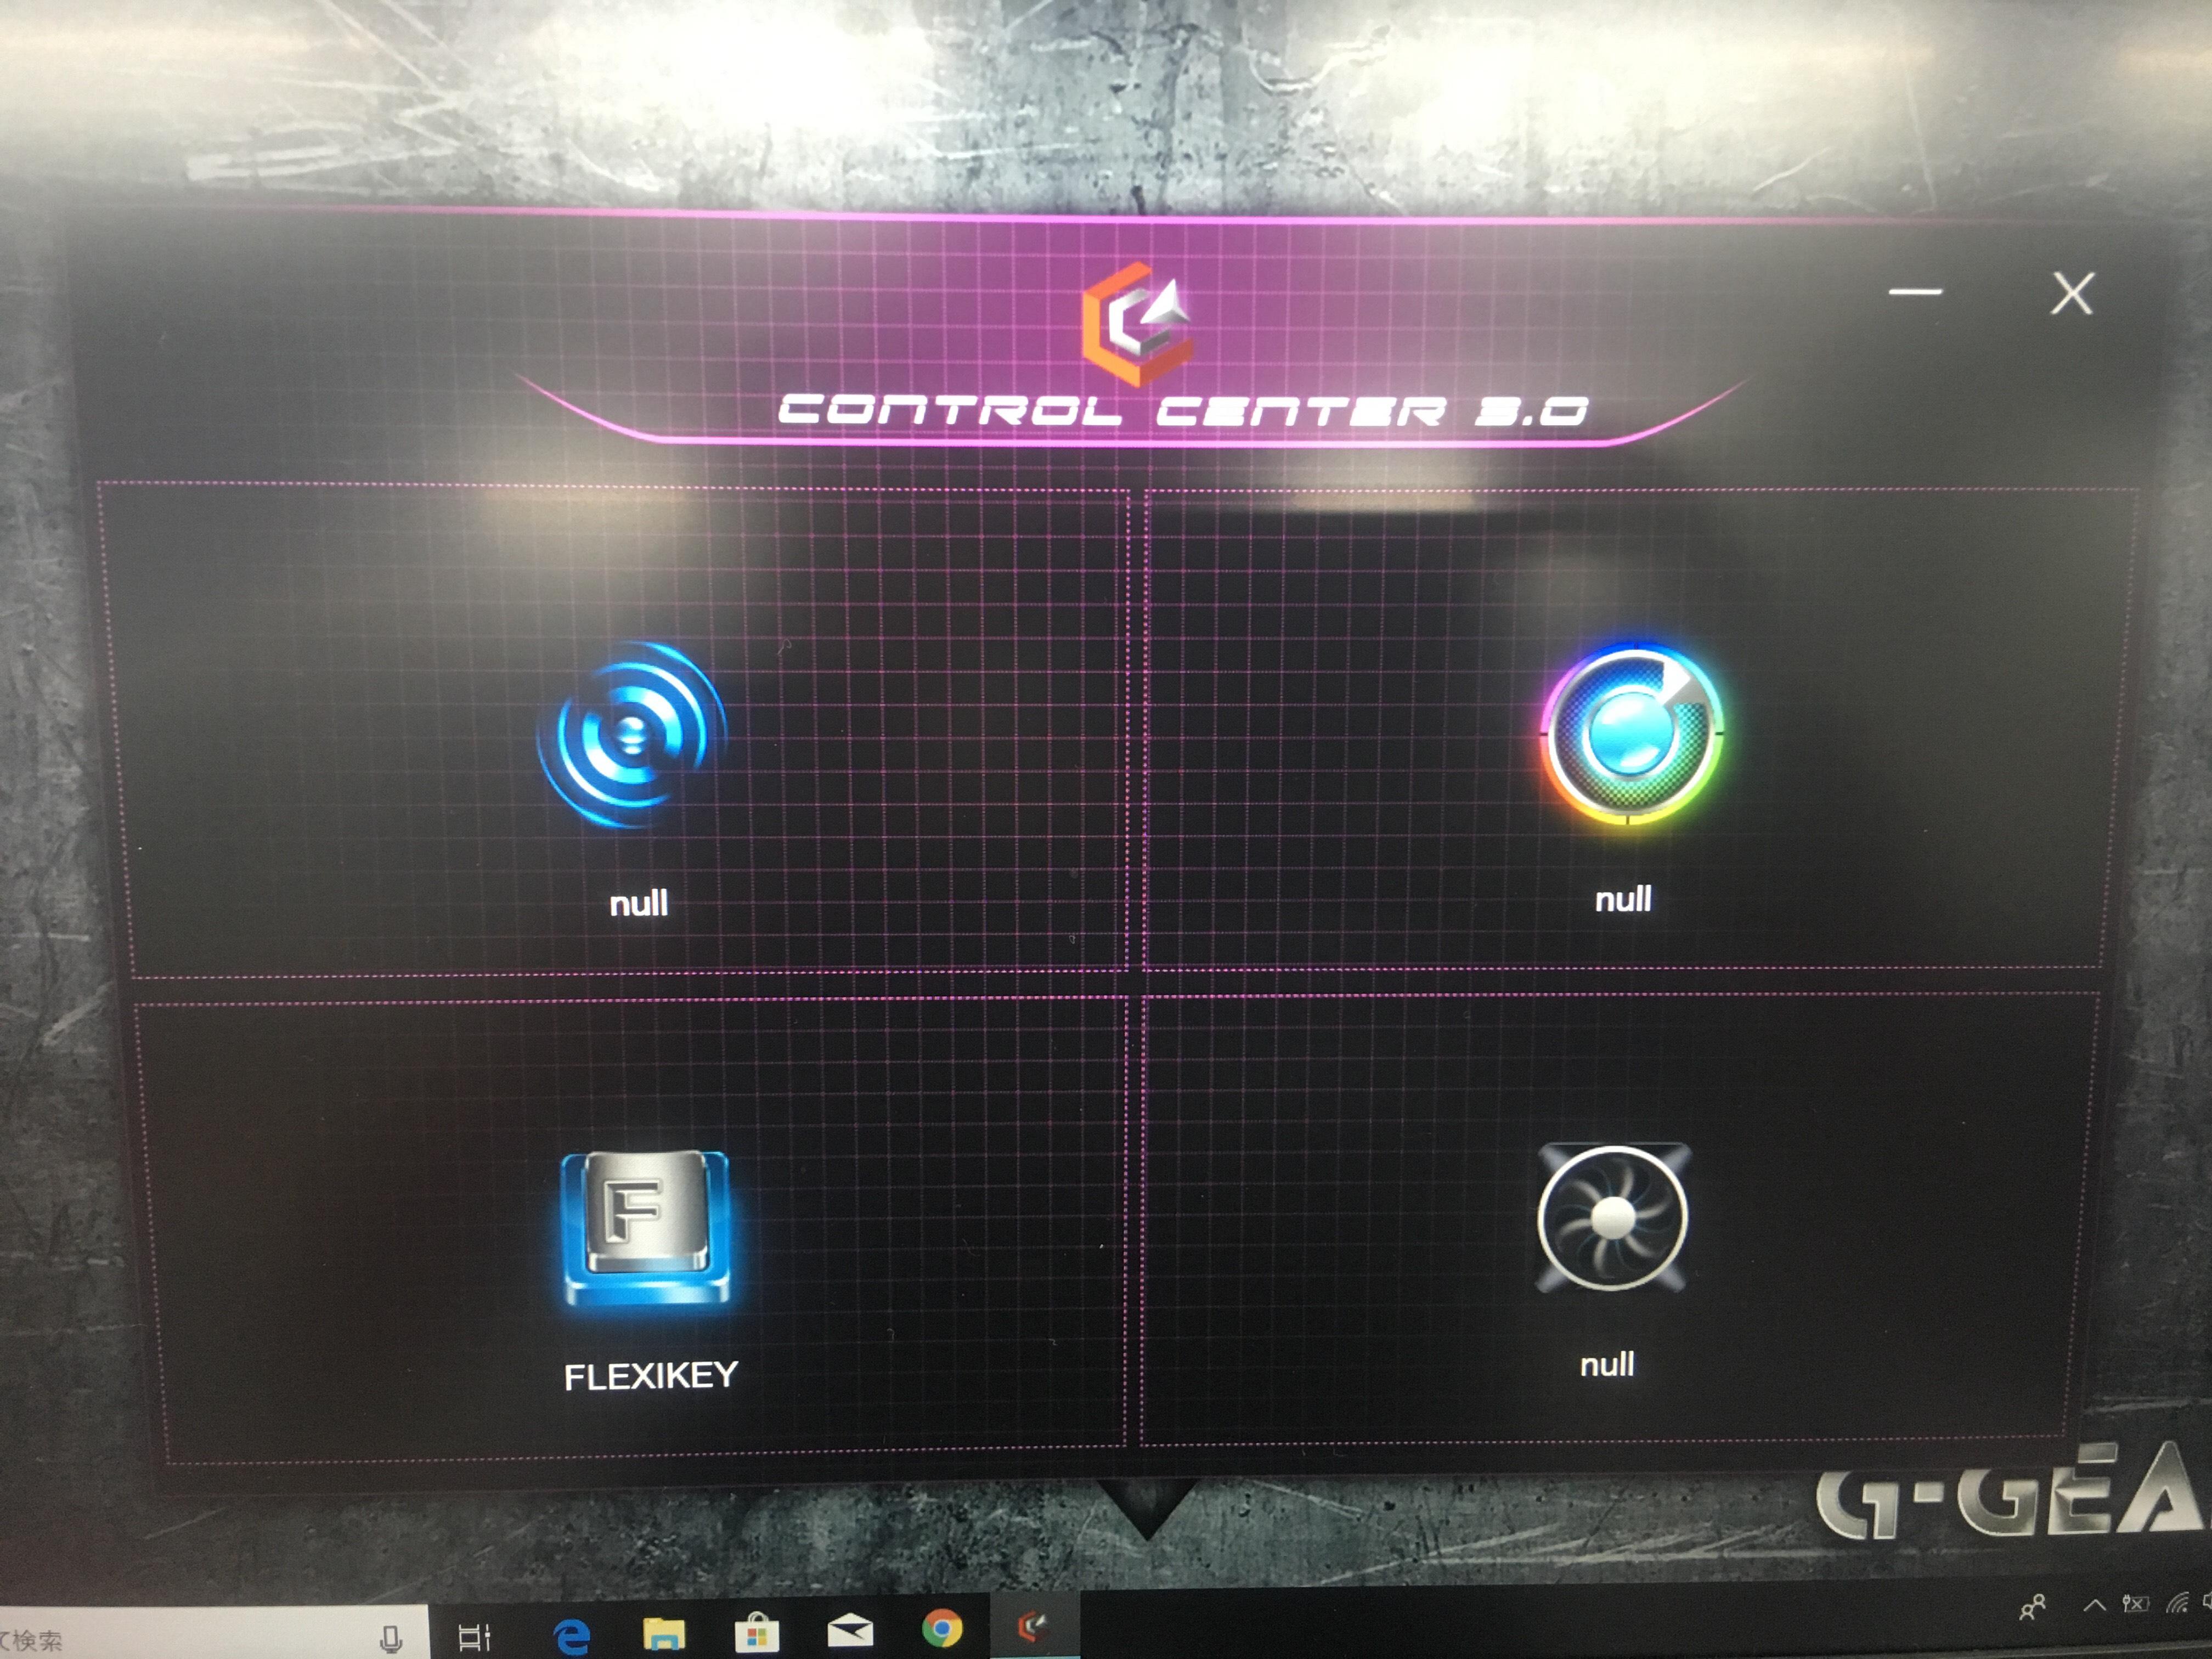 Controlcenter3.0のメニューがnull